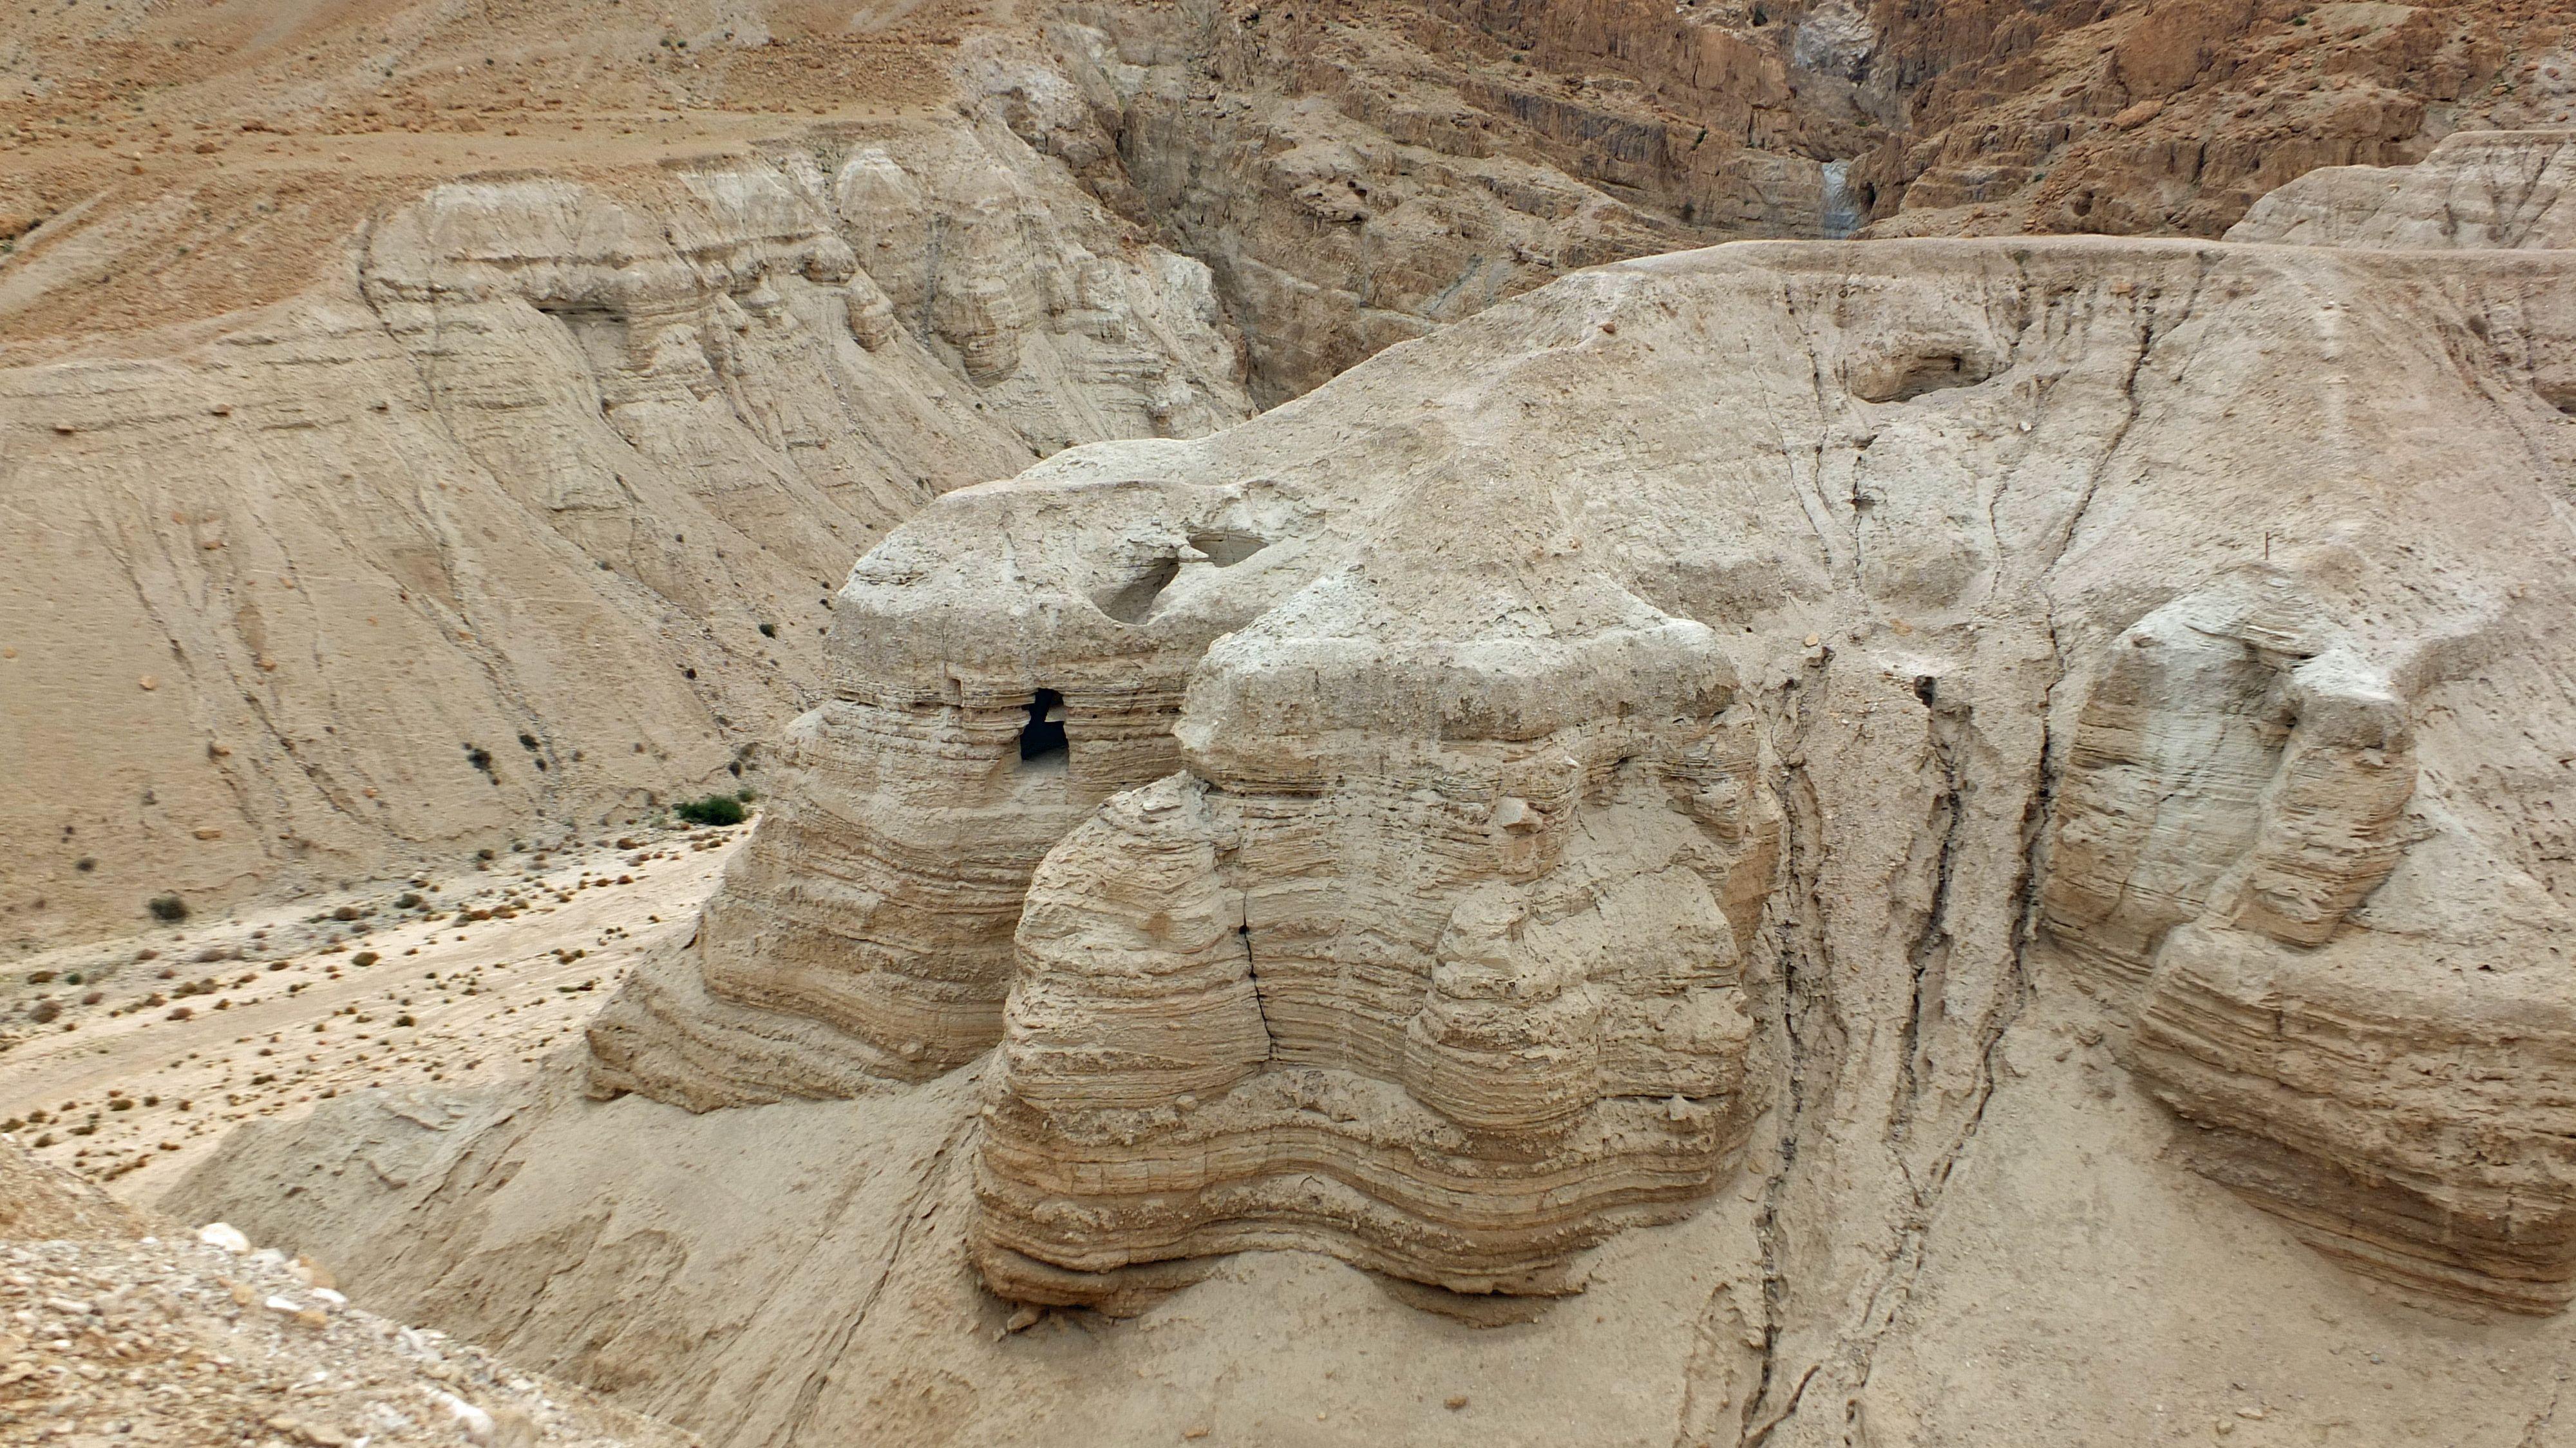 Qumran am Toten Meer  und seine Schriftrollen  An der nord-westlichen Ecke des Toten Meers liegt der National Park Qumran. 1947 suchte ein Beduinen-Junge nach seinen verschollenen Ziegen und warf Steinchen in die Höhlen um sie heraus zu jagen. Er hörte ein schepperndes Geräusch und fand vier Tonkrüge mit 7 etwa 2000 Jahre alten Schriftrollen.  Die Entdeckung der Schriftrollen vom Toten Meer!  Schon einmal Qumran besucht?